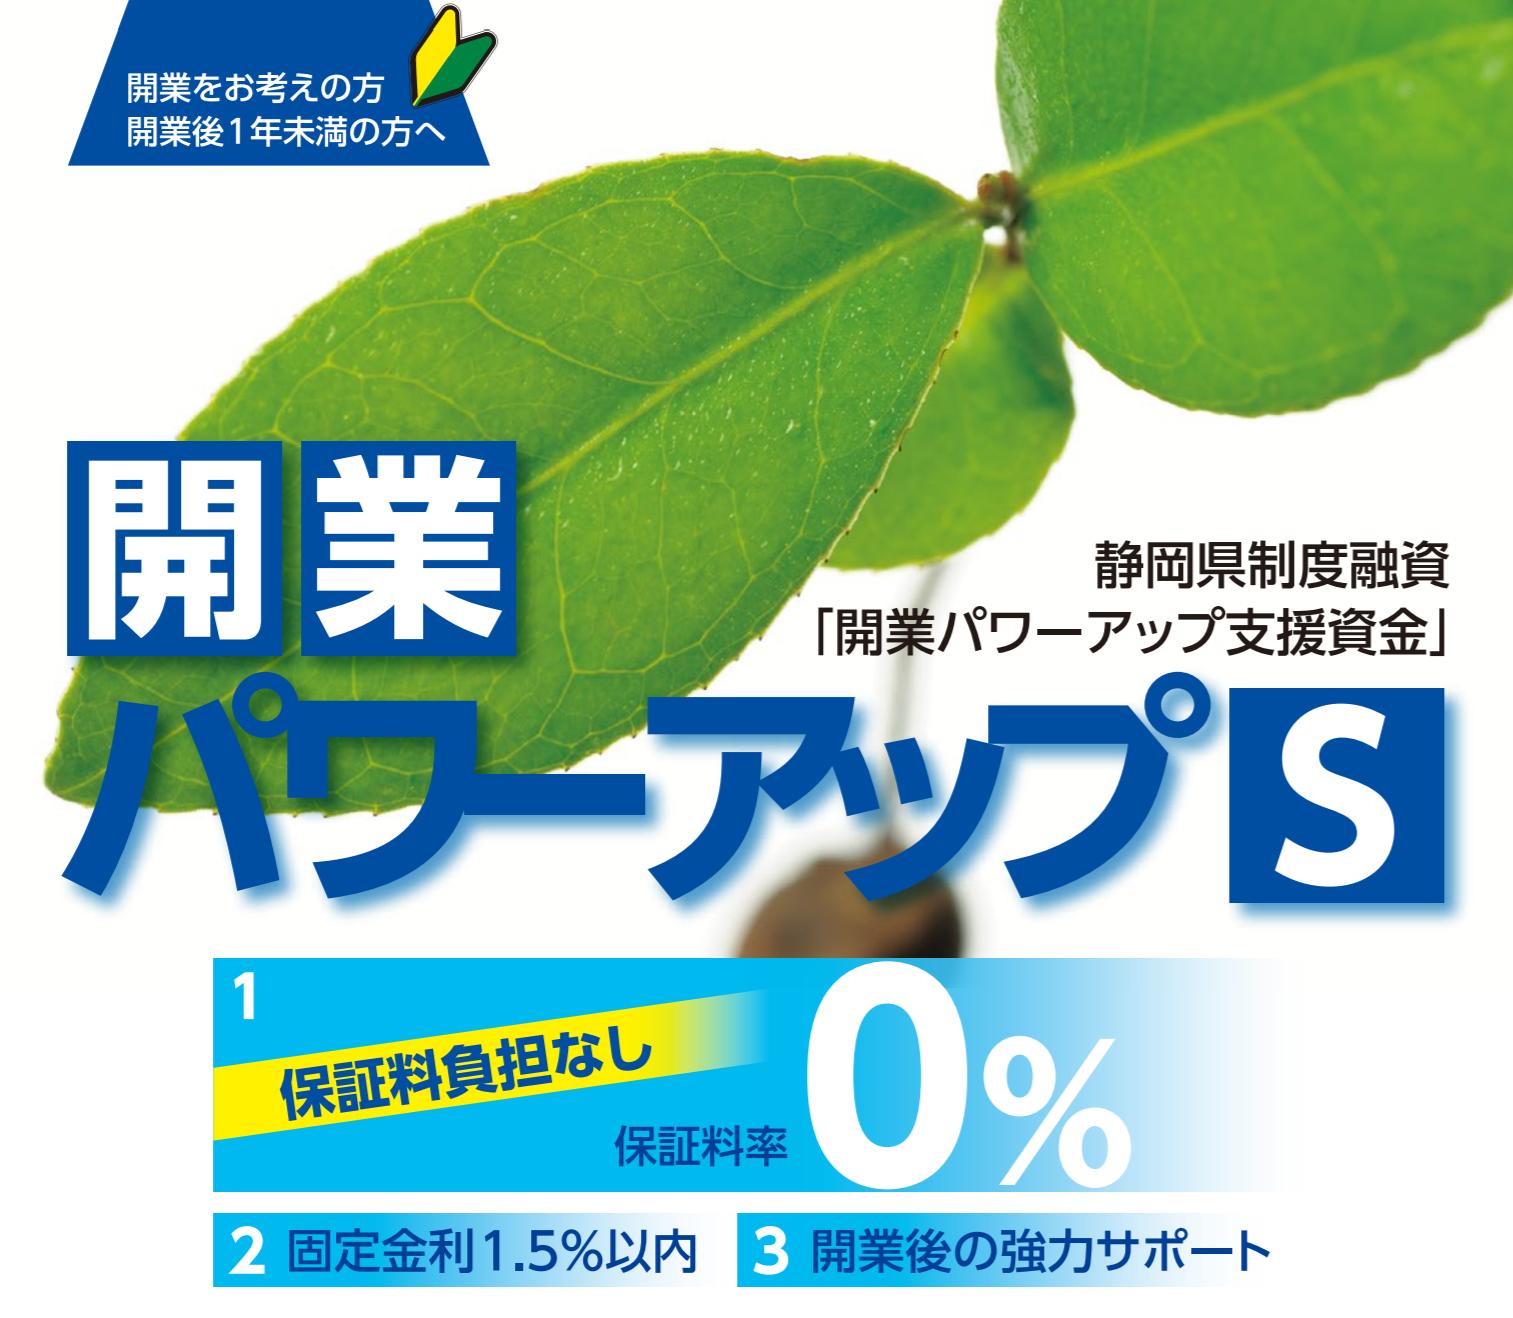 静岡県制度融資『開業パワーアップS』